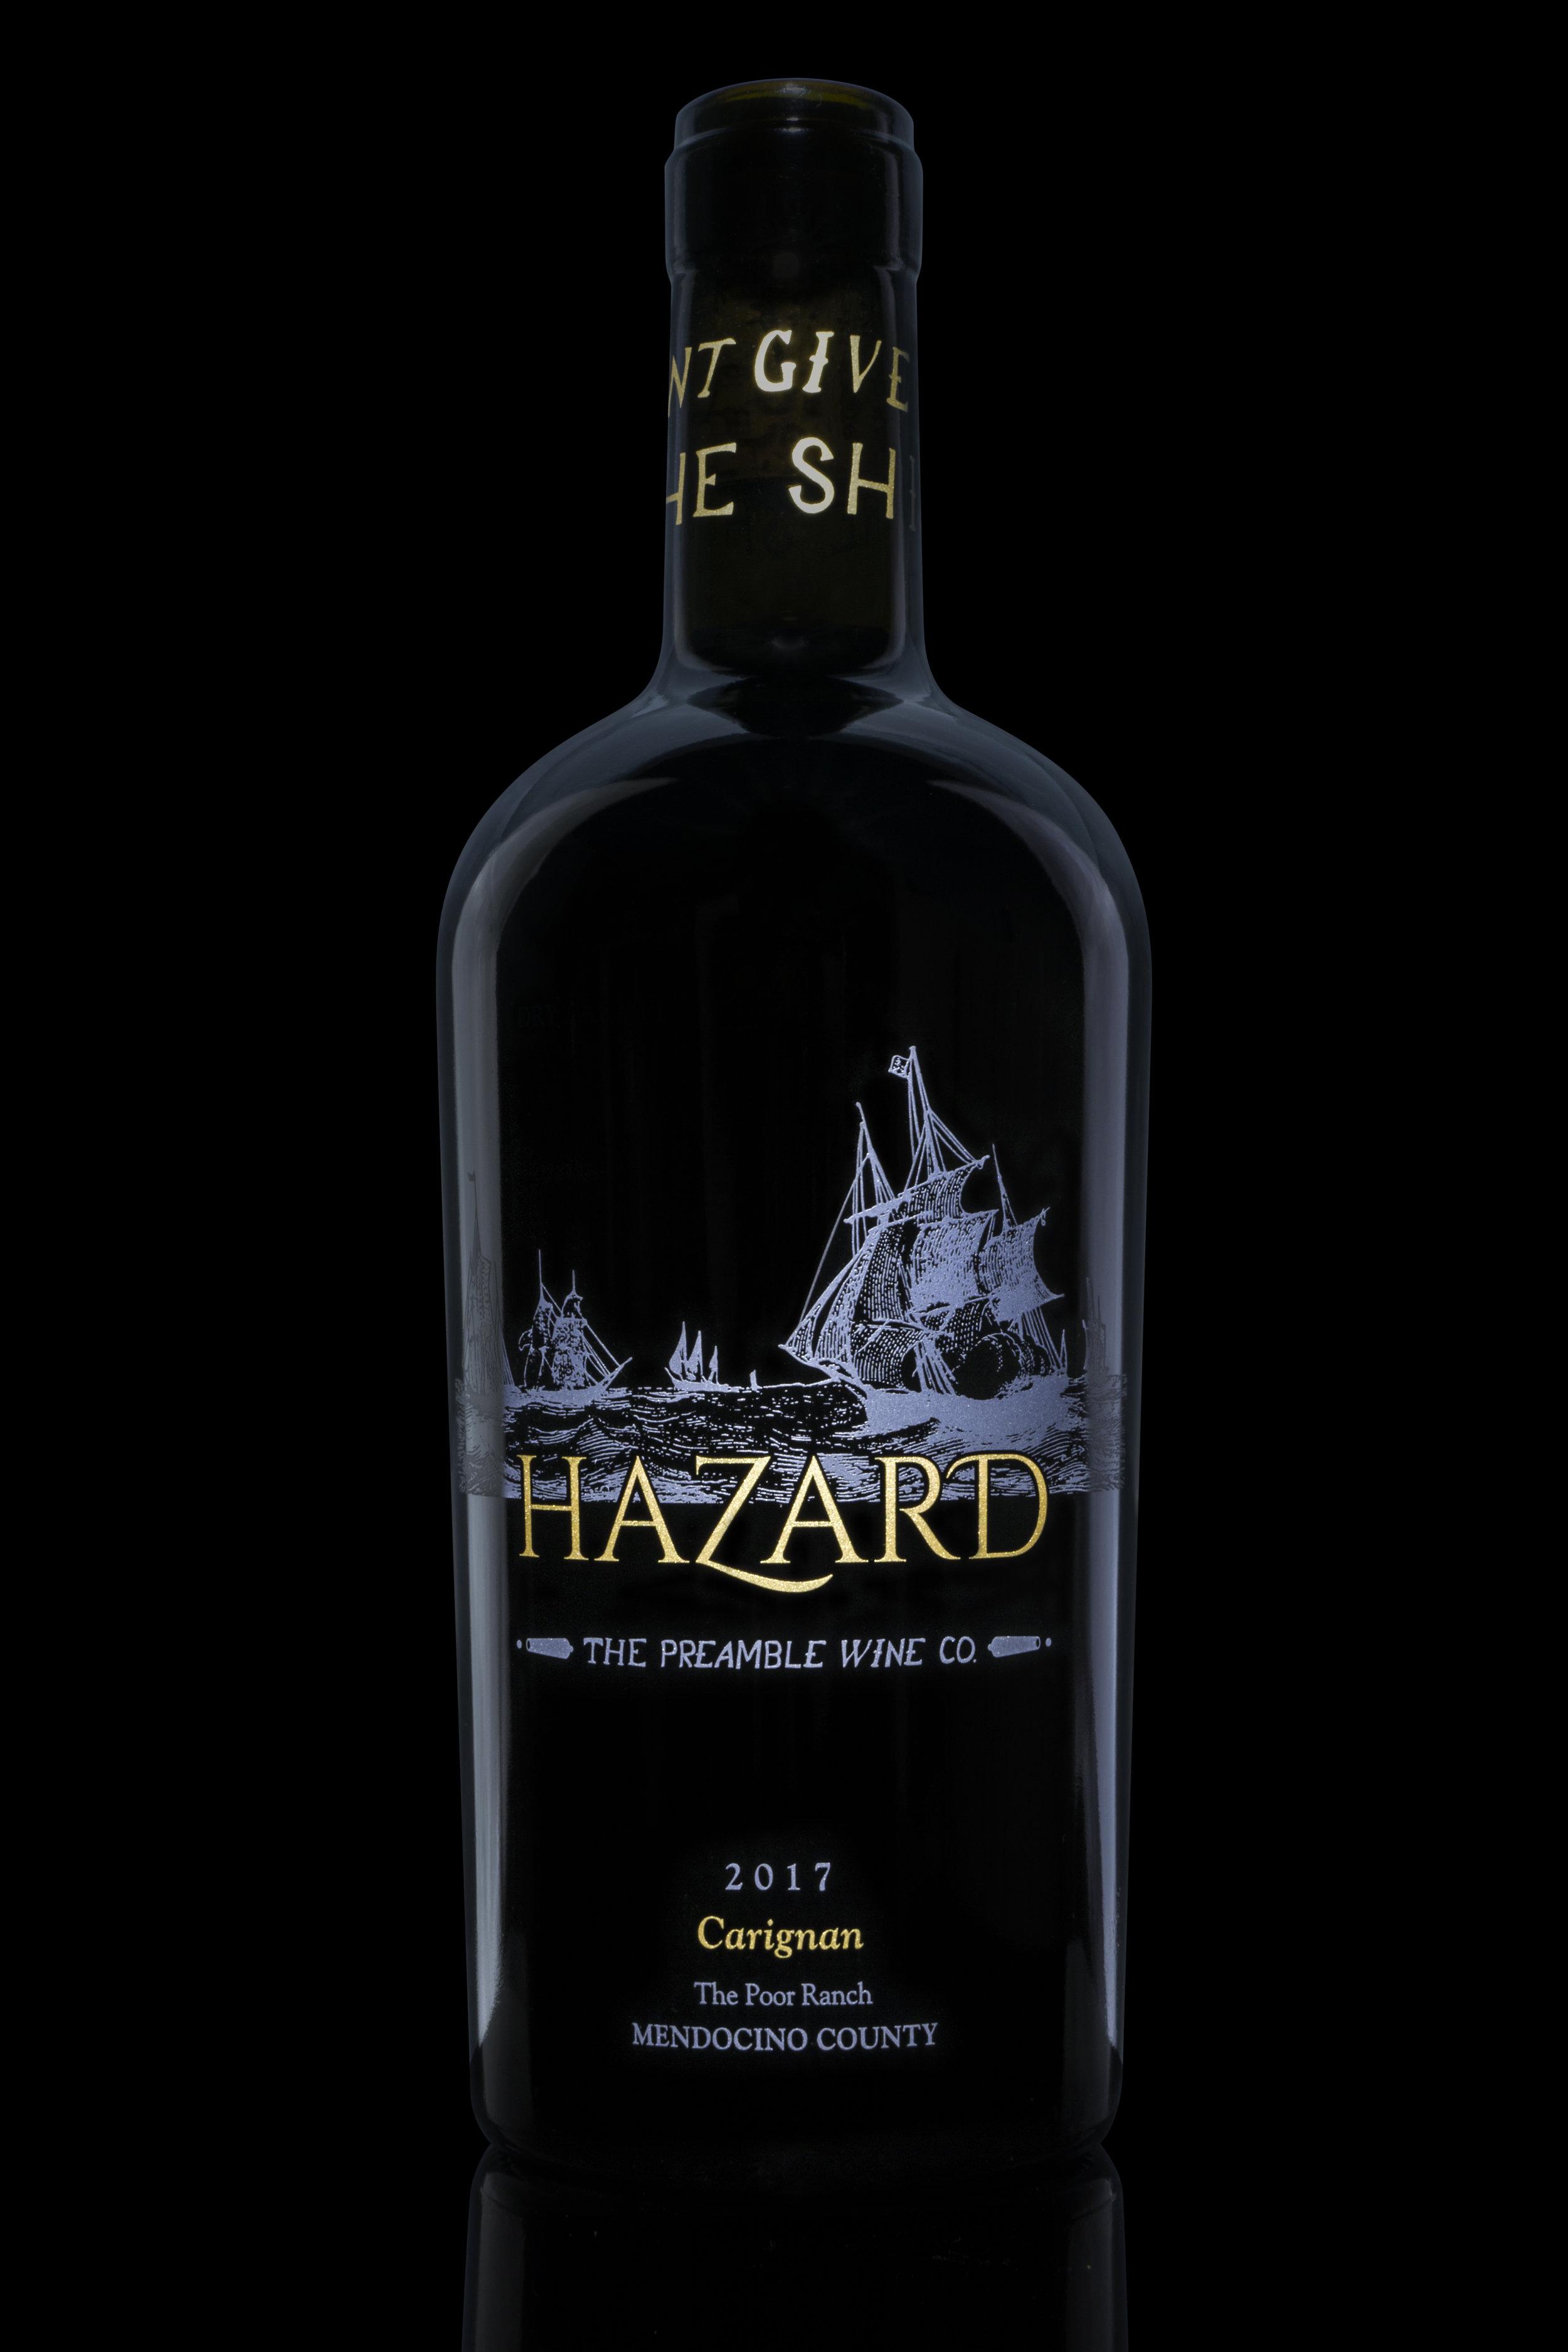 Hazard_BottleShot_Blk.jpg